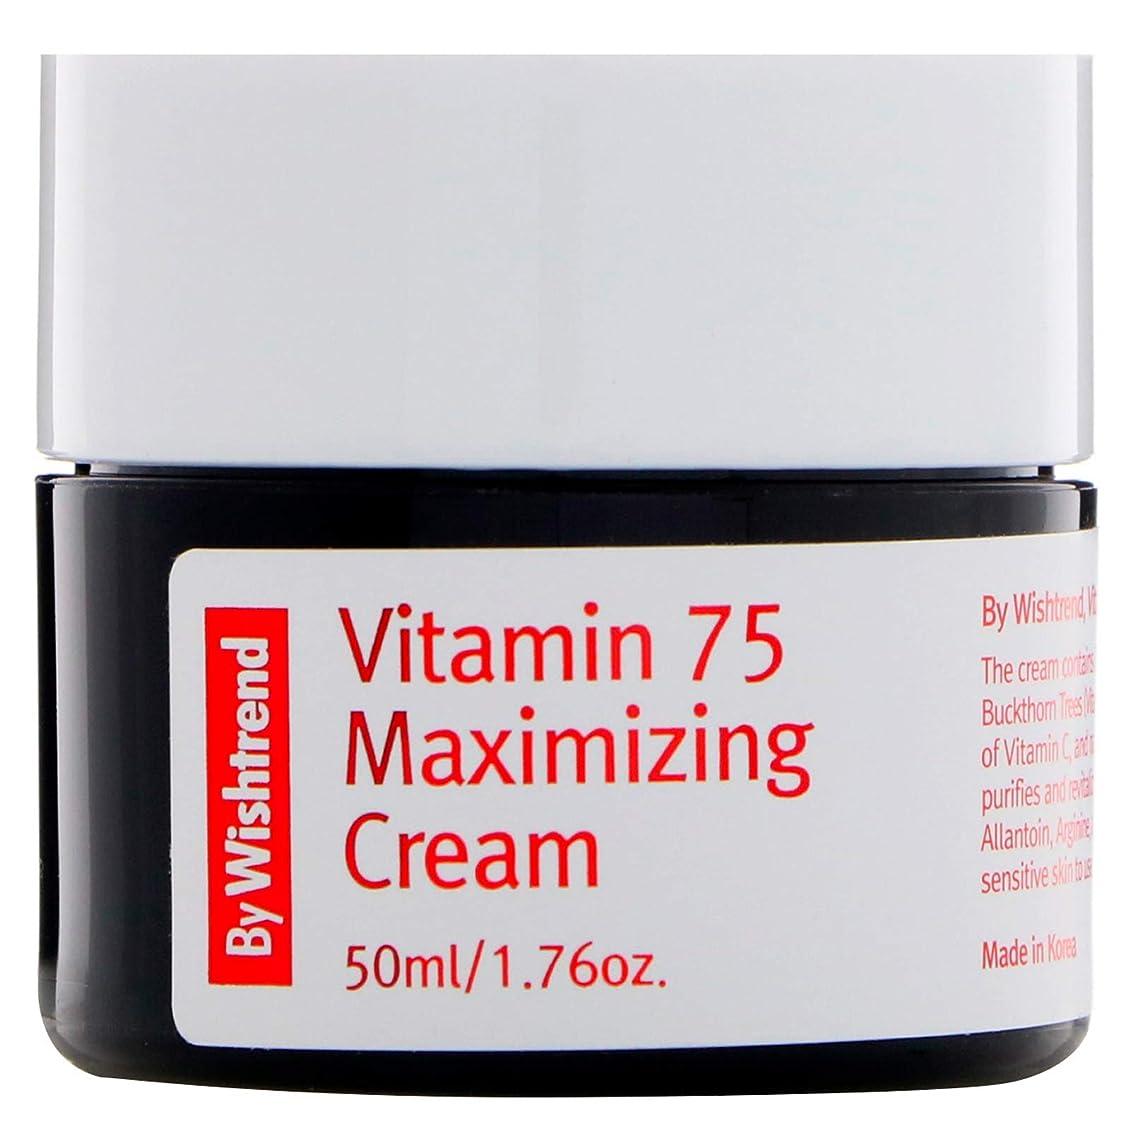 自分の大宇宙グローブ[BY WISHTREND]ビタミン75 マキシマイジング クリーム, Vitamin 75 Maximizing Cream [並行輸入品]